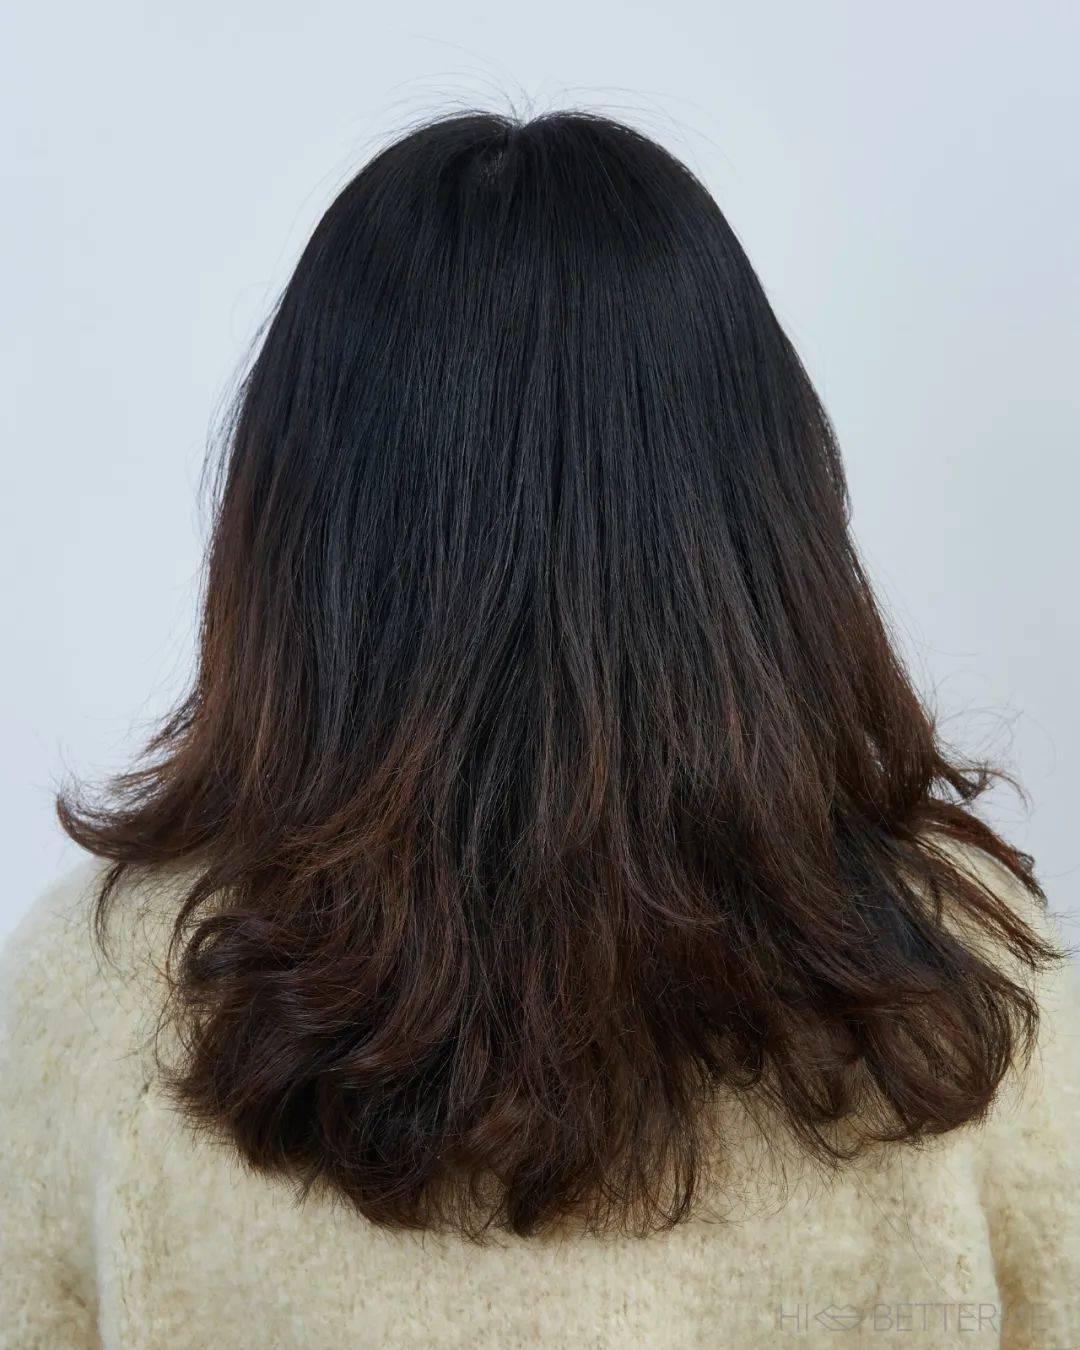 拯救你干枯、毛躁、扁塌的头发,这3个方法亲测有用 | AD